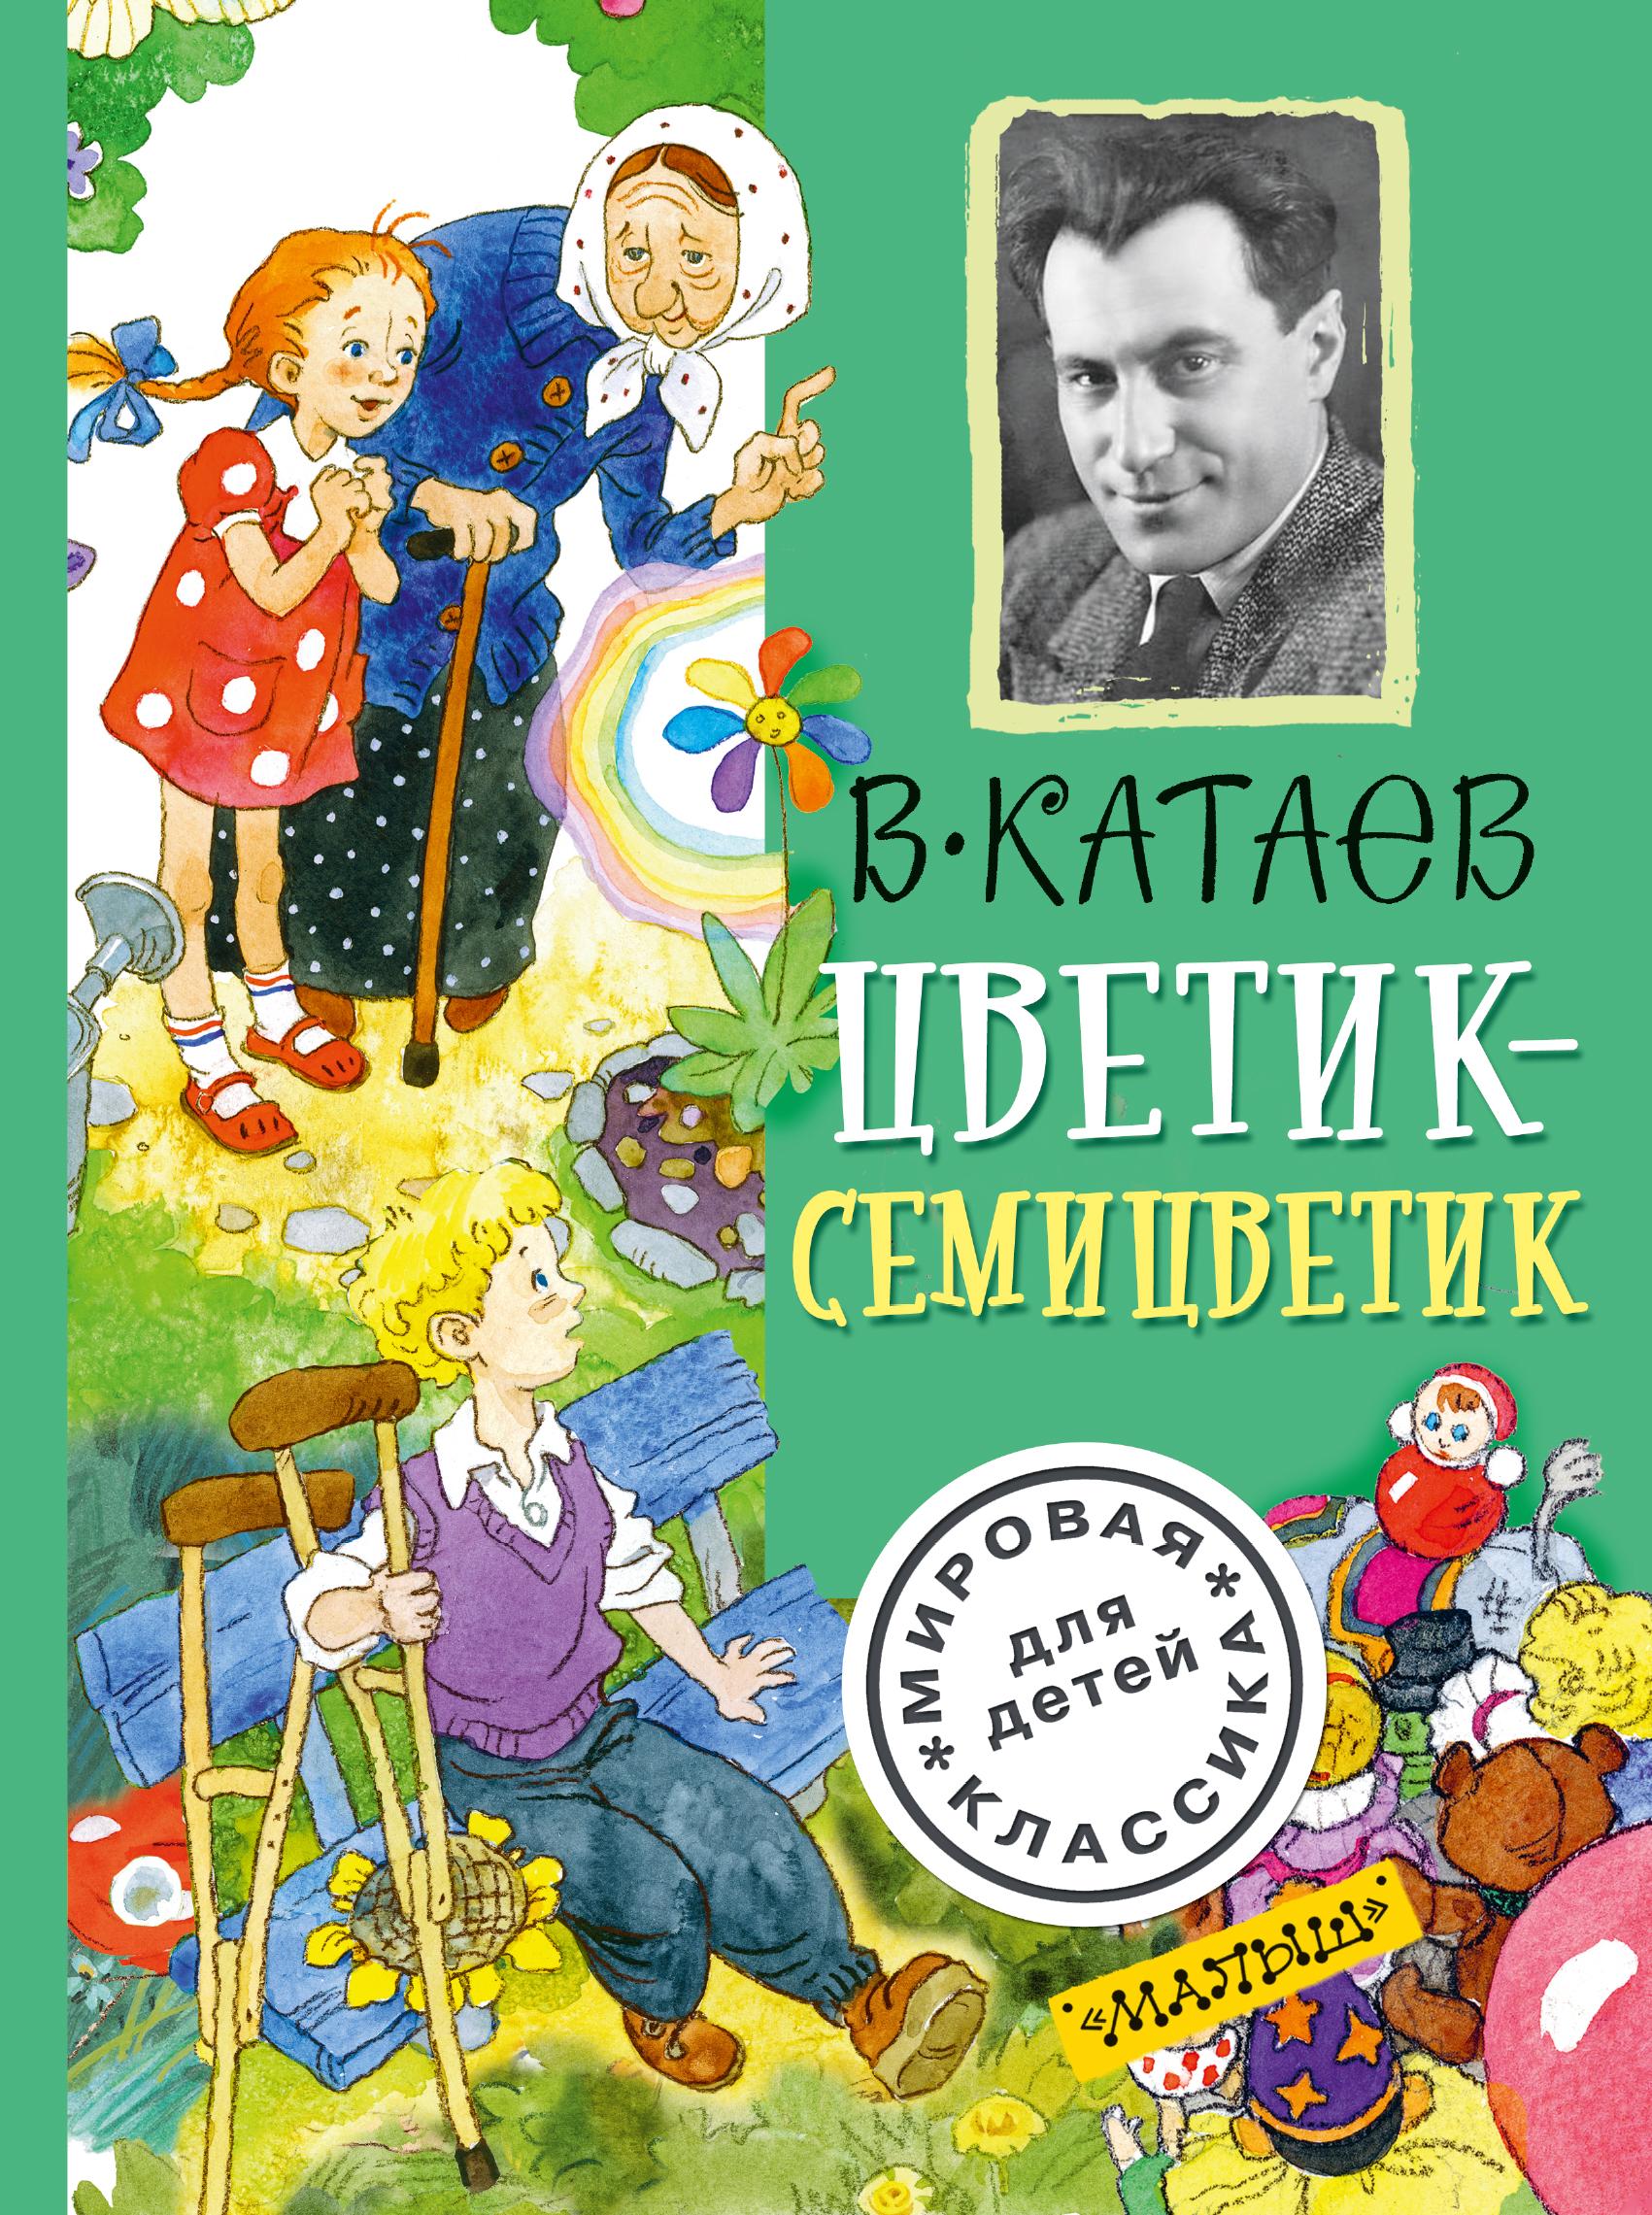 Катаев В.П. Цветик-семицветик катаев валентин петрович успенский эдуард николаевич самые известные мультики